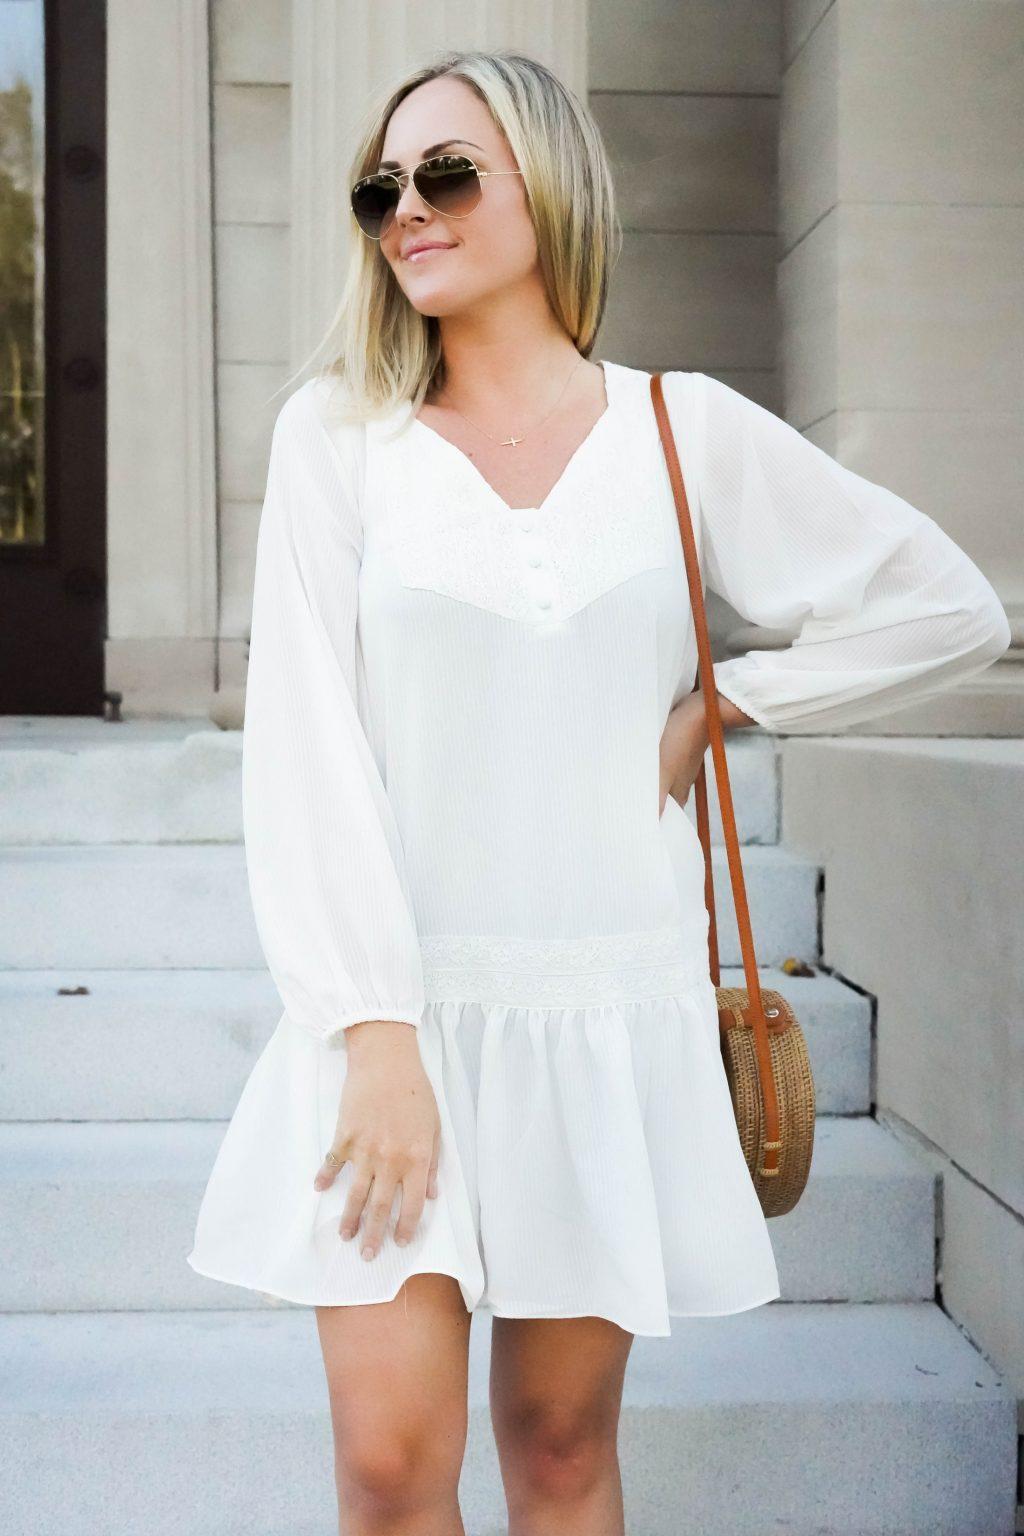 Fashionista mặc váy trắng thiết kế hạ eo